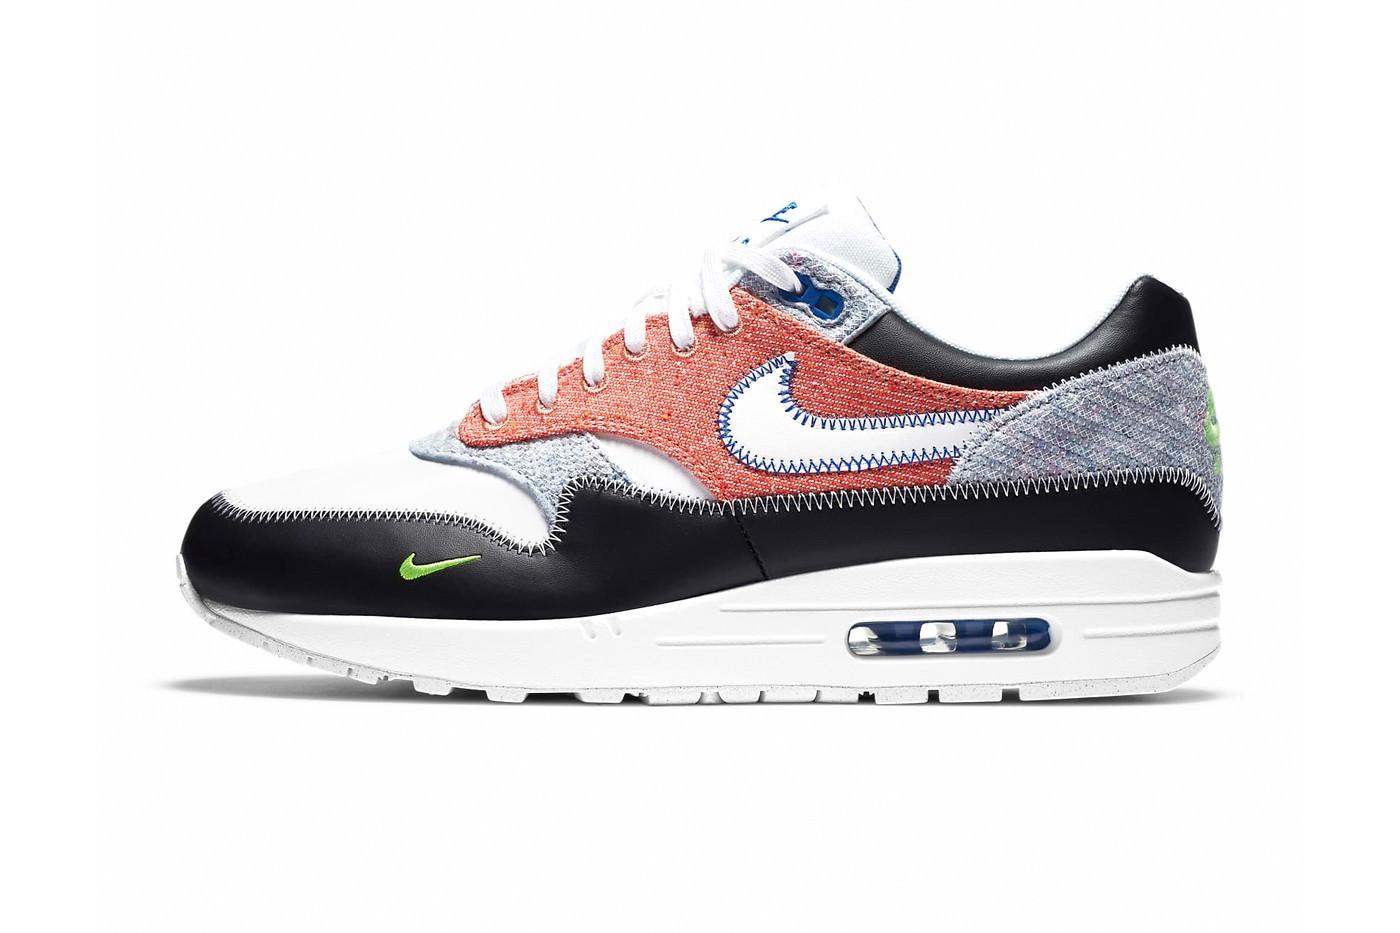 Nike Air Max 1采用精细编织的棉质鞋面